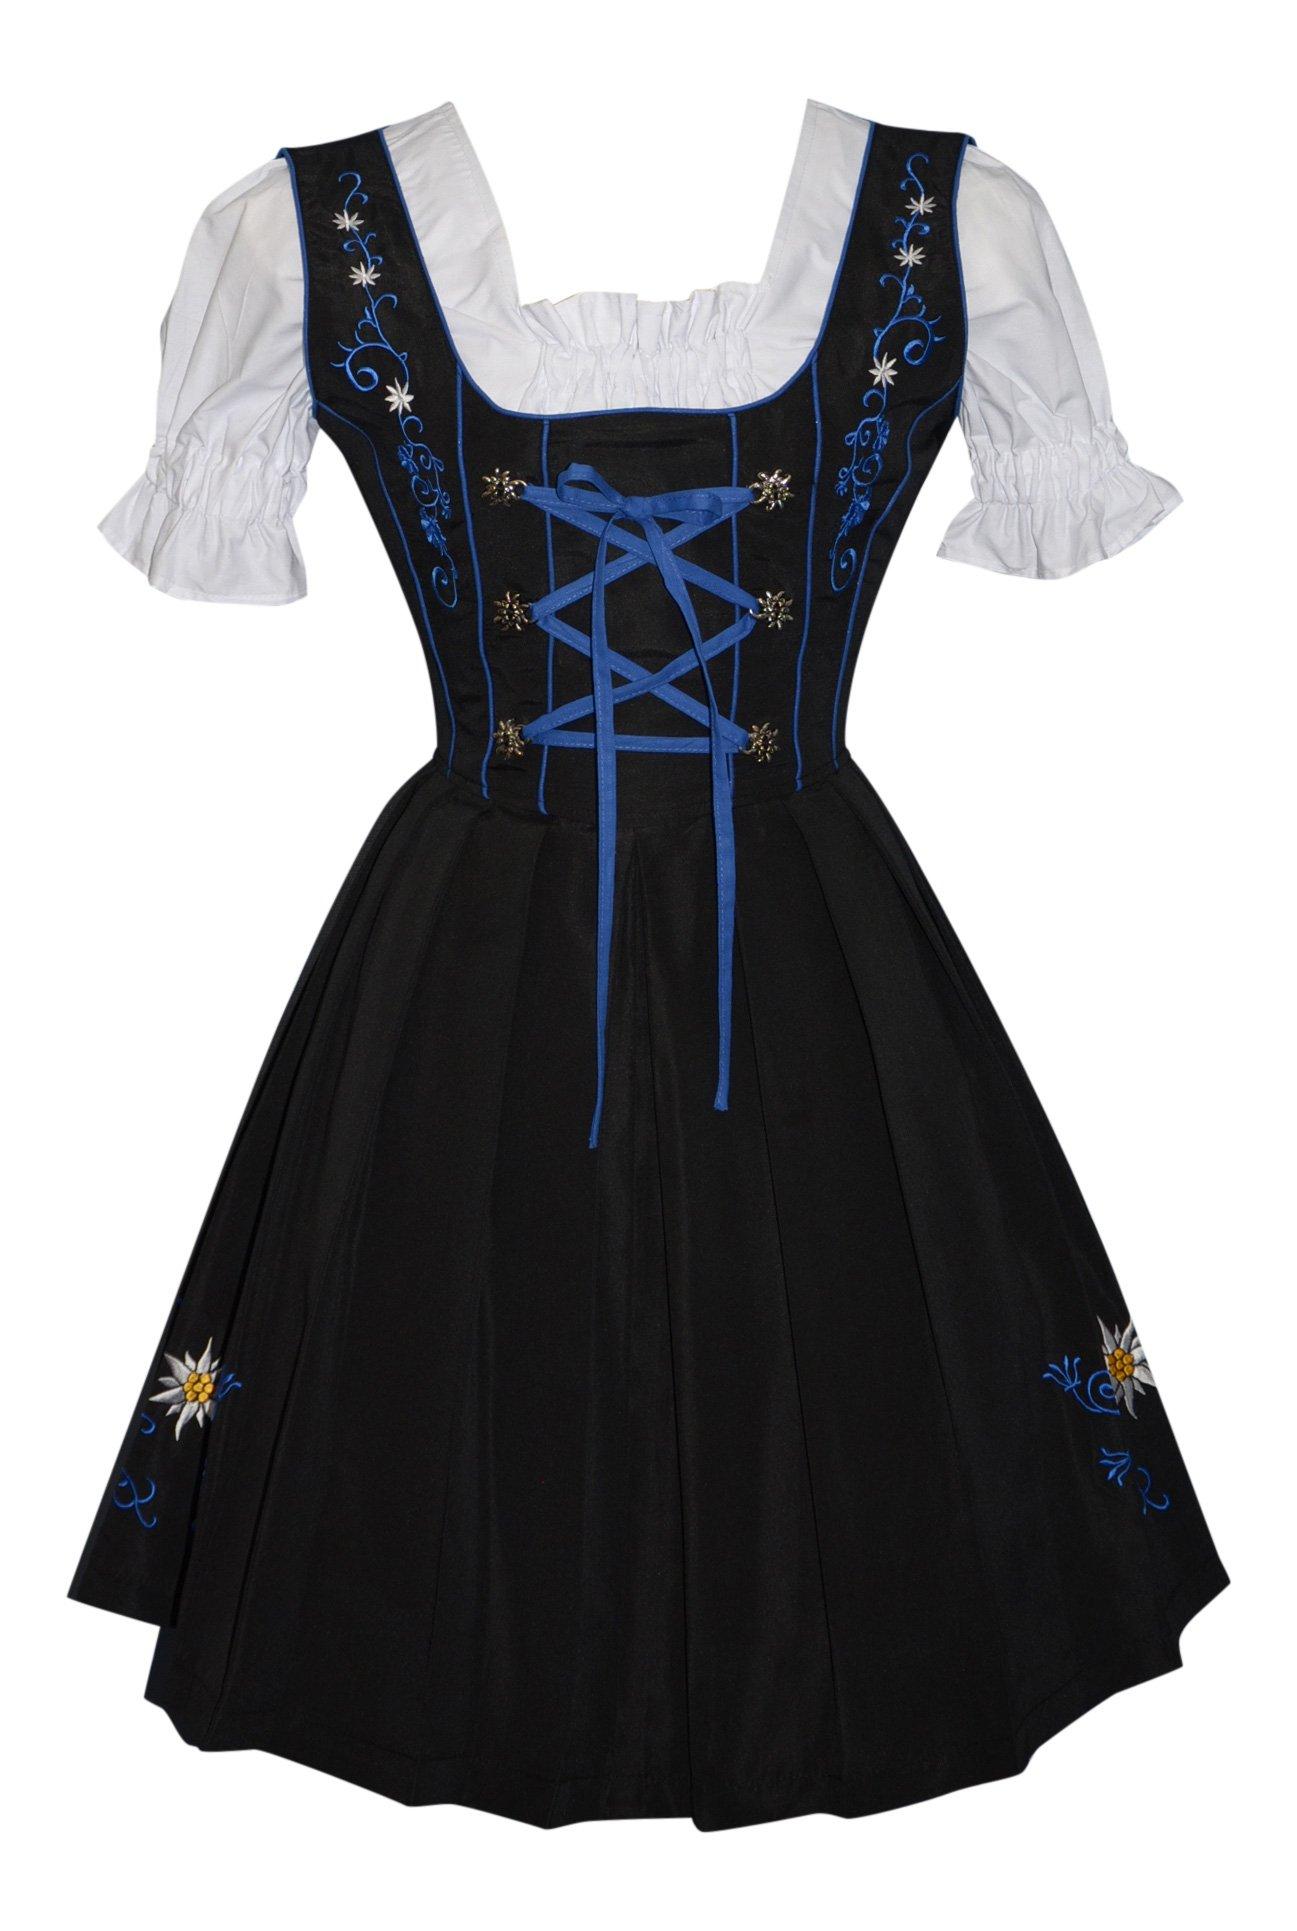 3-piece German Party Oktoberfest Dirndl Dress Black & Blue (16) by Edelweiss Creek (Image #2)